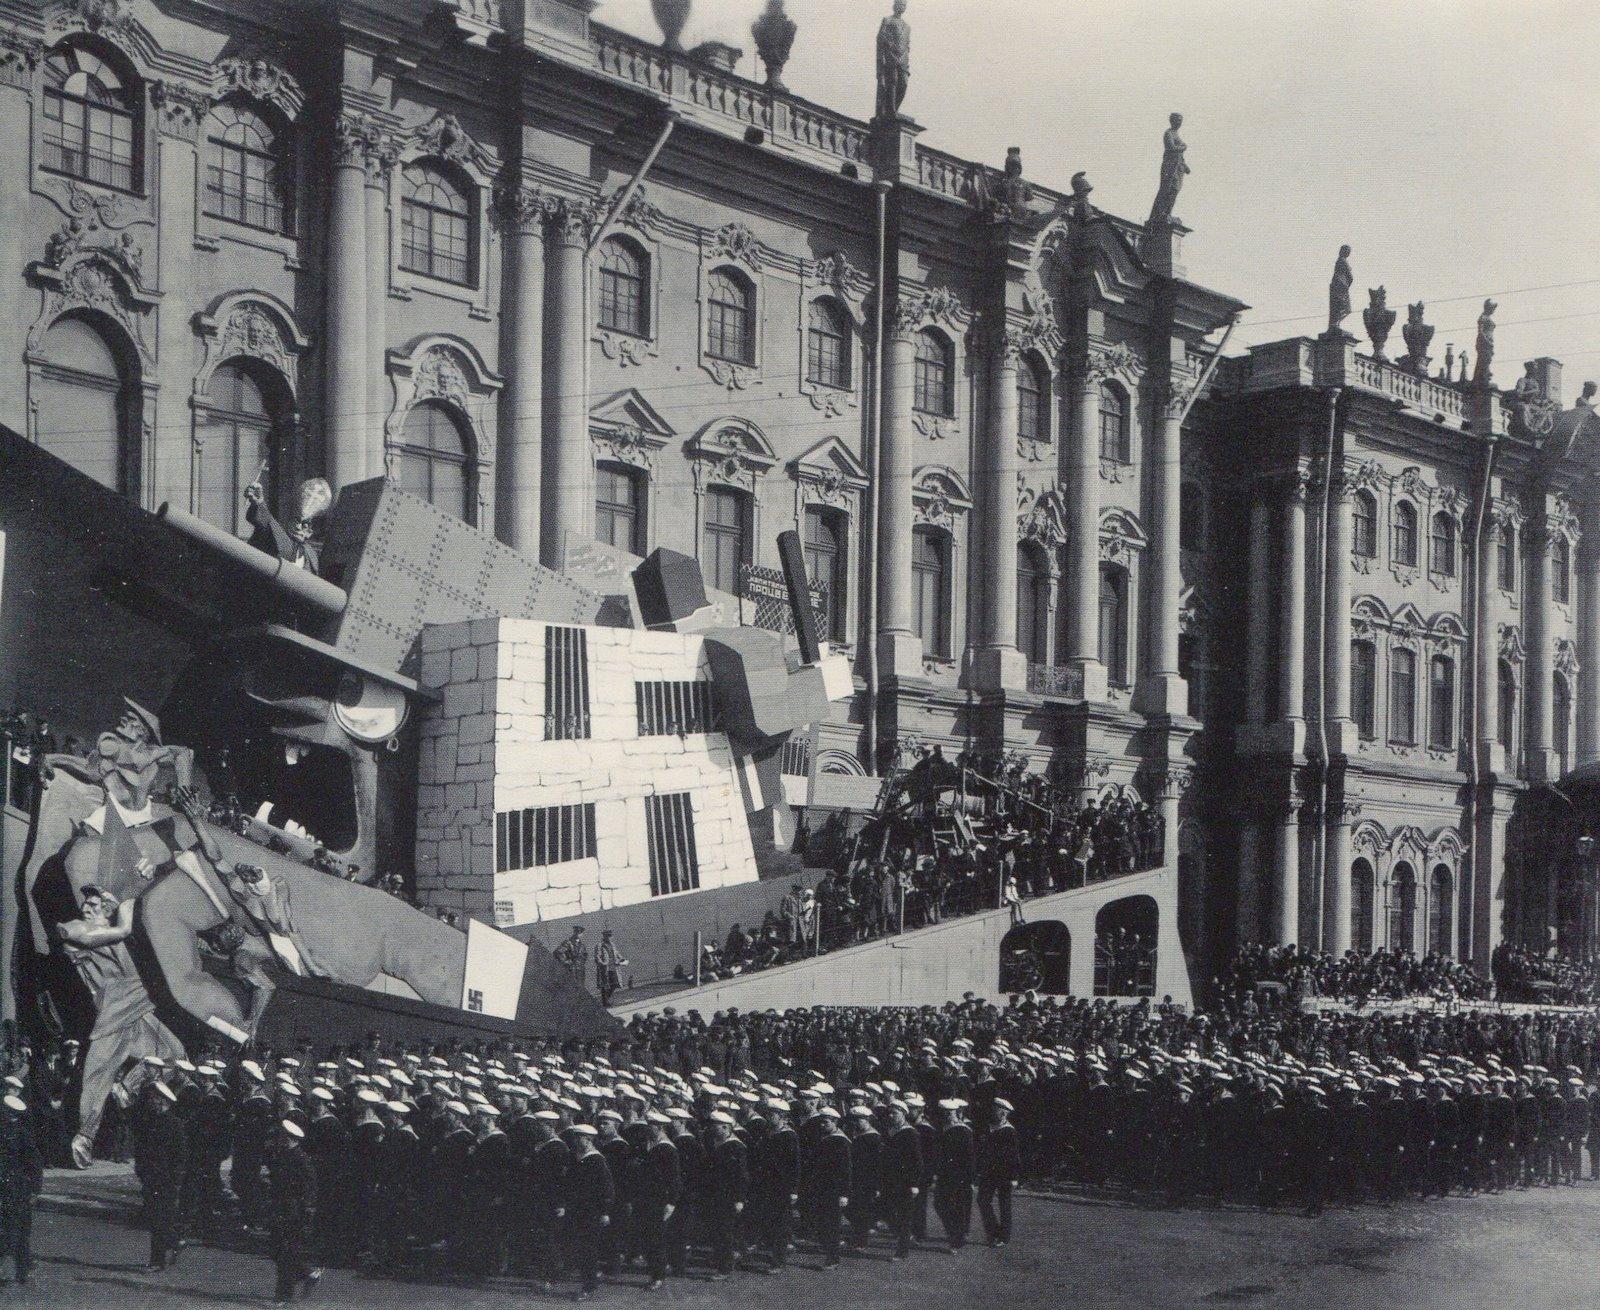 Колонны моряков проходят мимо трибун ан площади Урицкого. 1 мая 1931 года. Фотография Ленсовета.